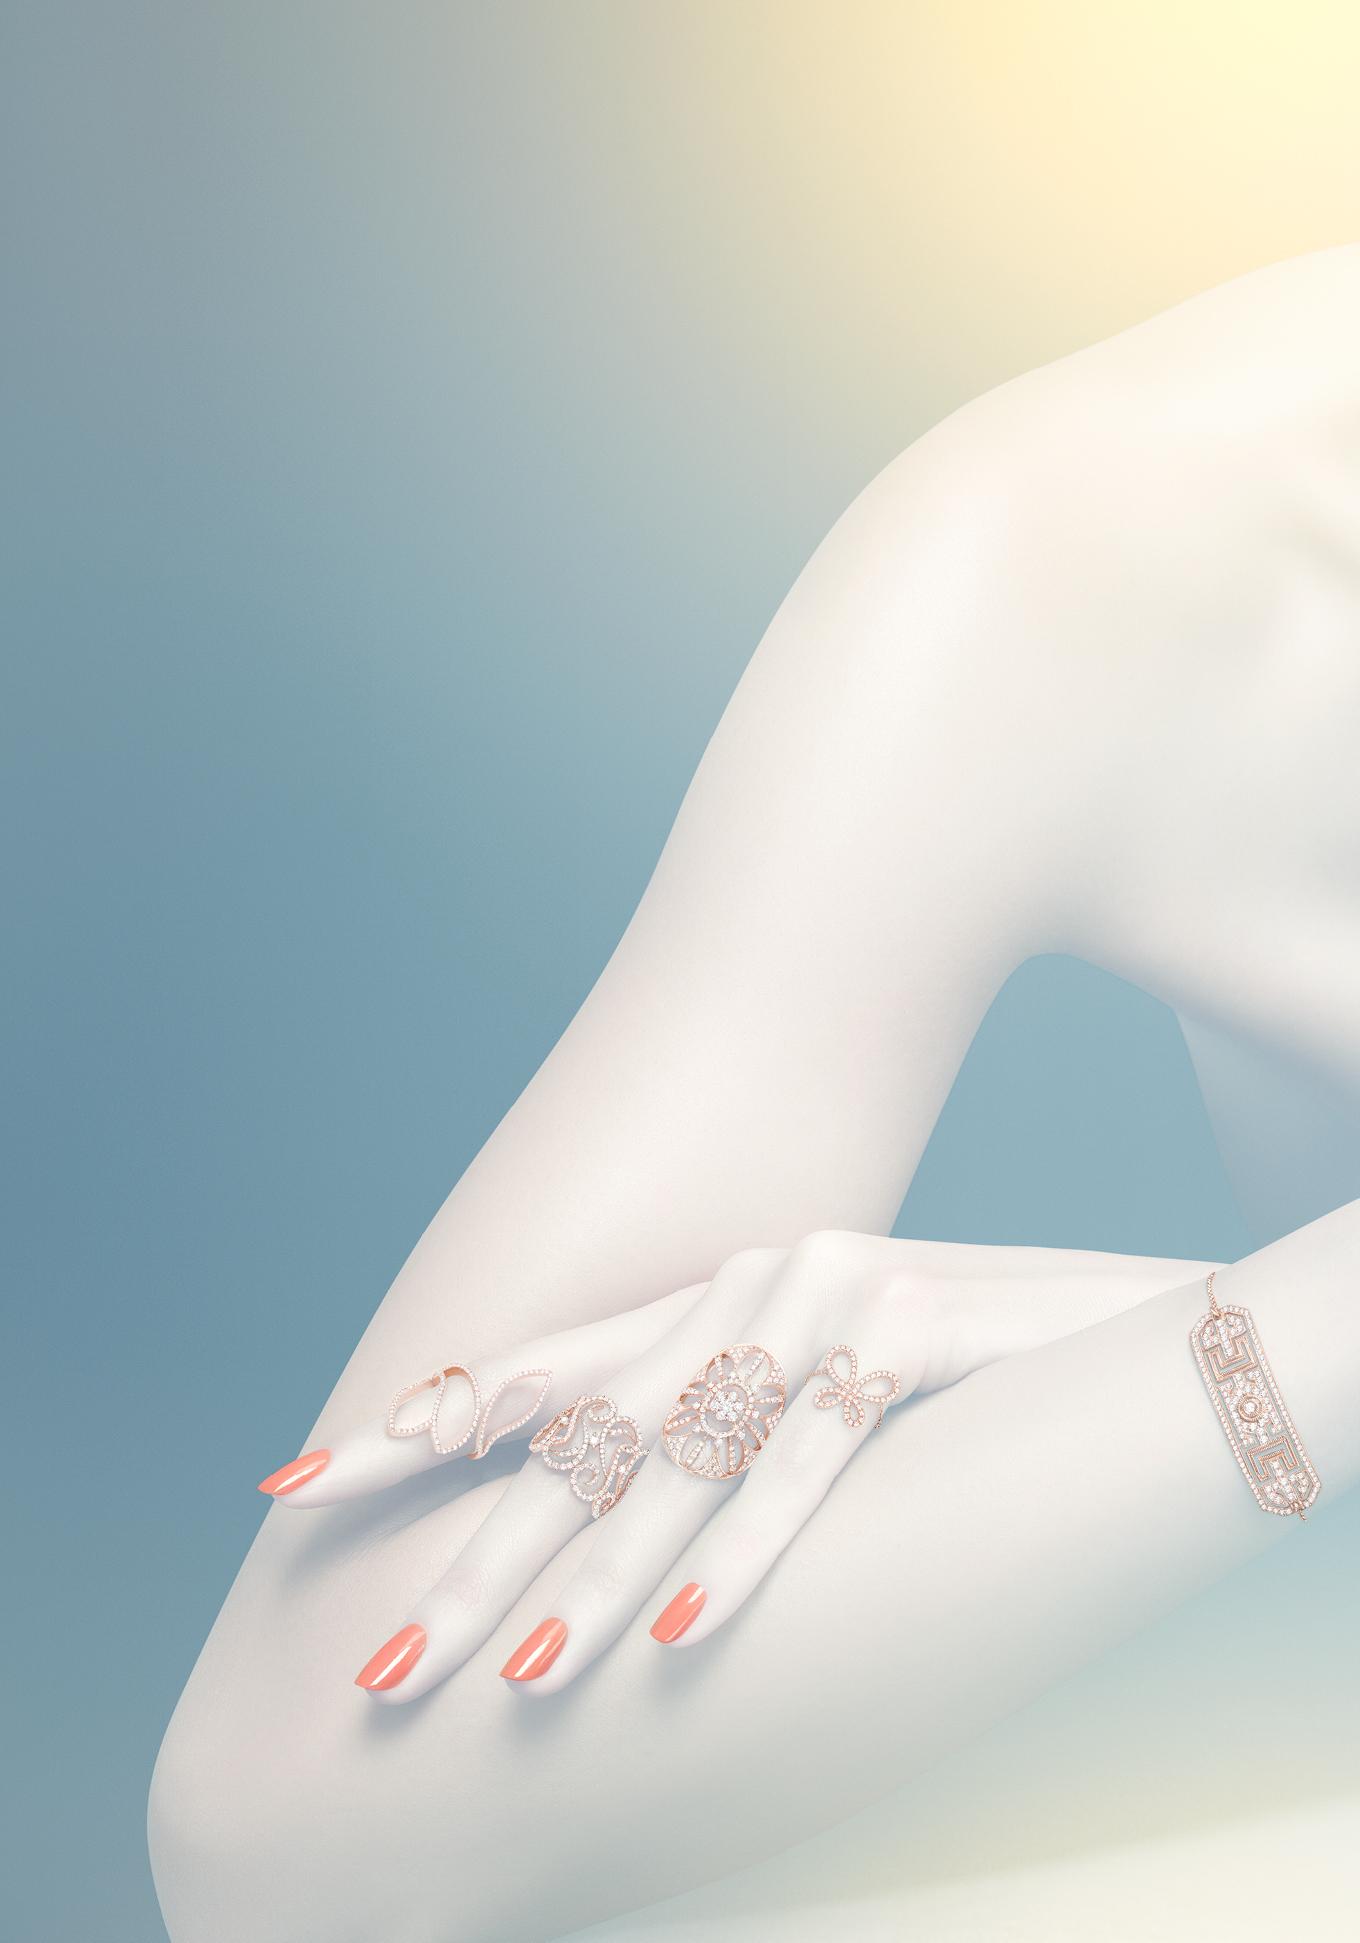 Maison Repossi LVMH - linda-bujoli-photographe-campagne-bijoux-djula-femme-bijoux portés - accessoires portés